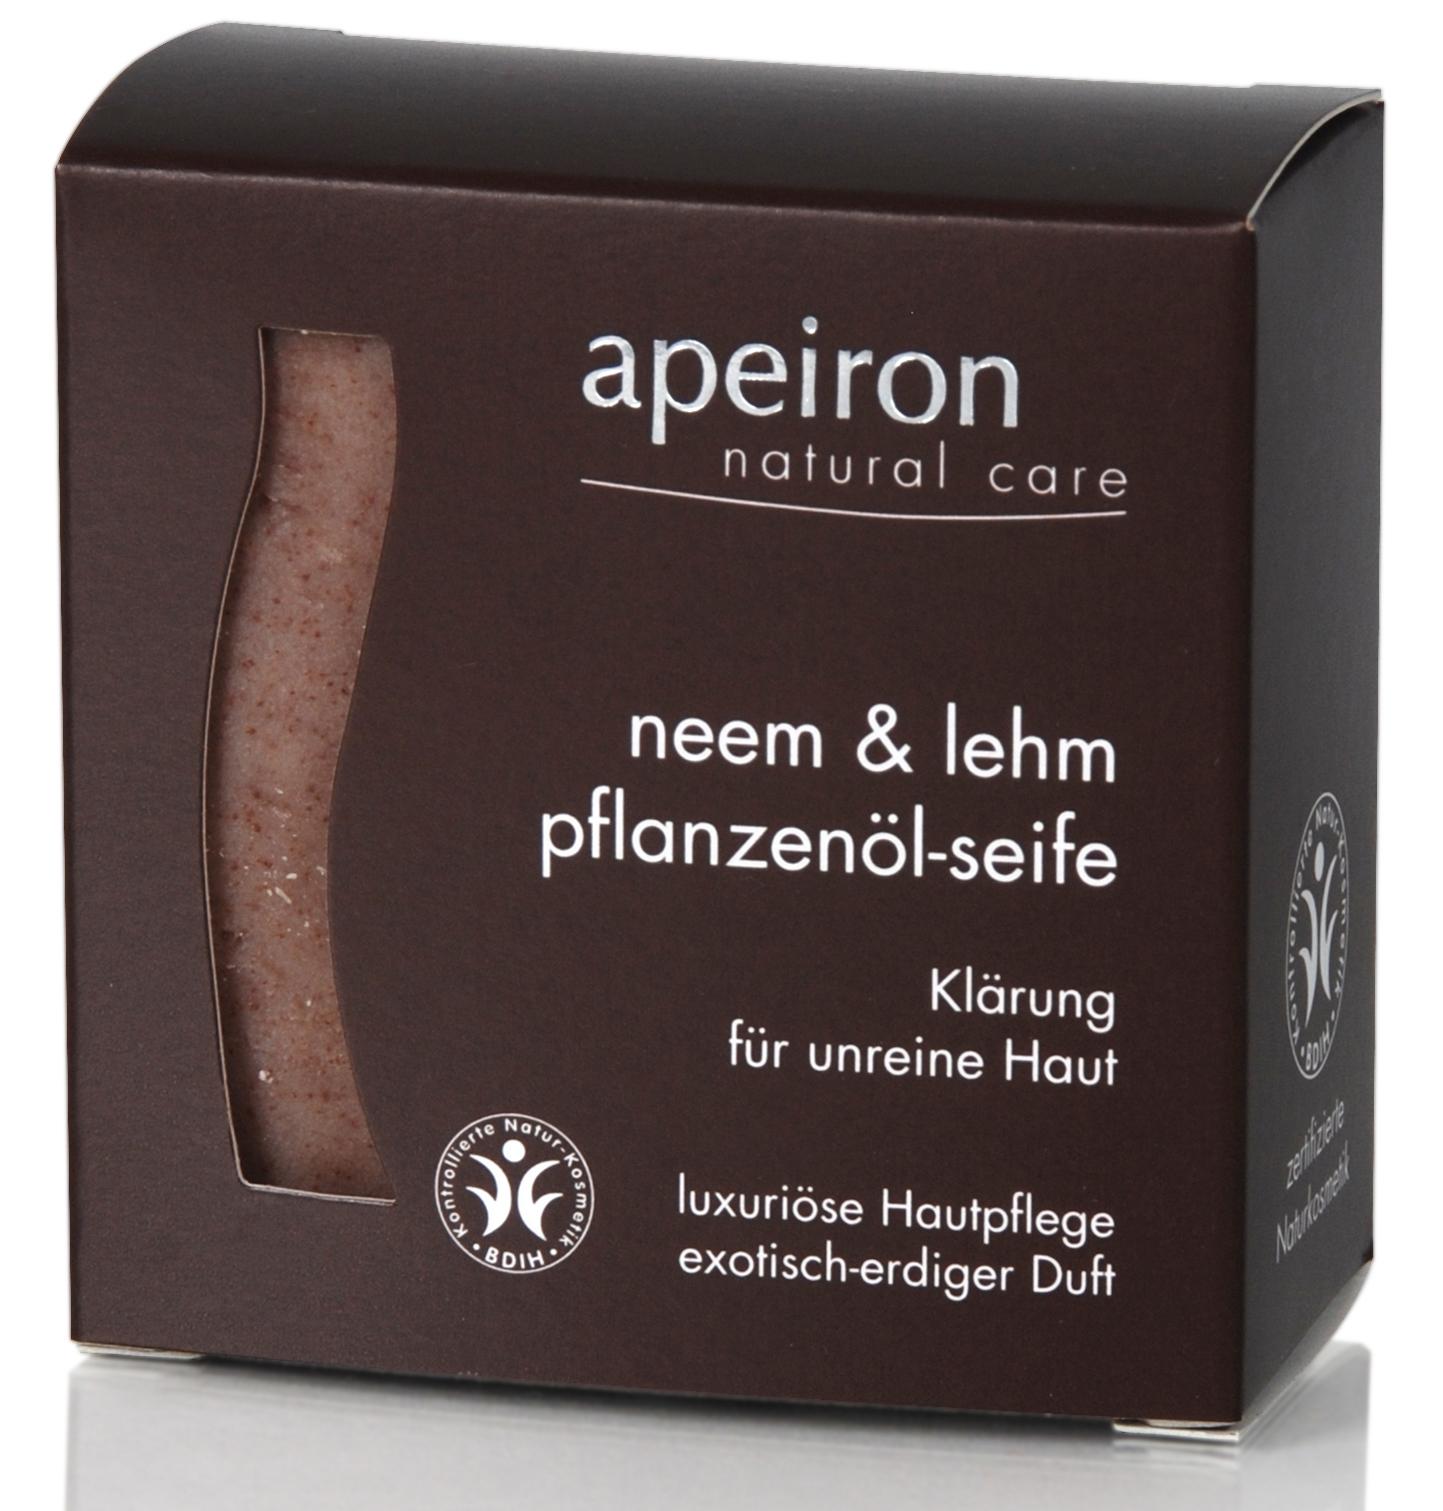 Neem & Lehm - Klärung für unreine Haut